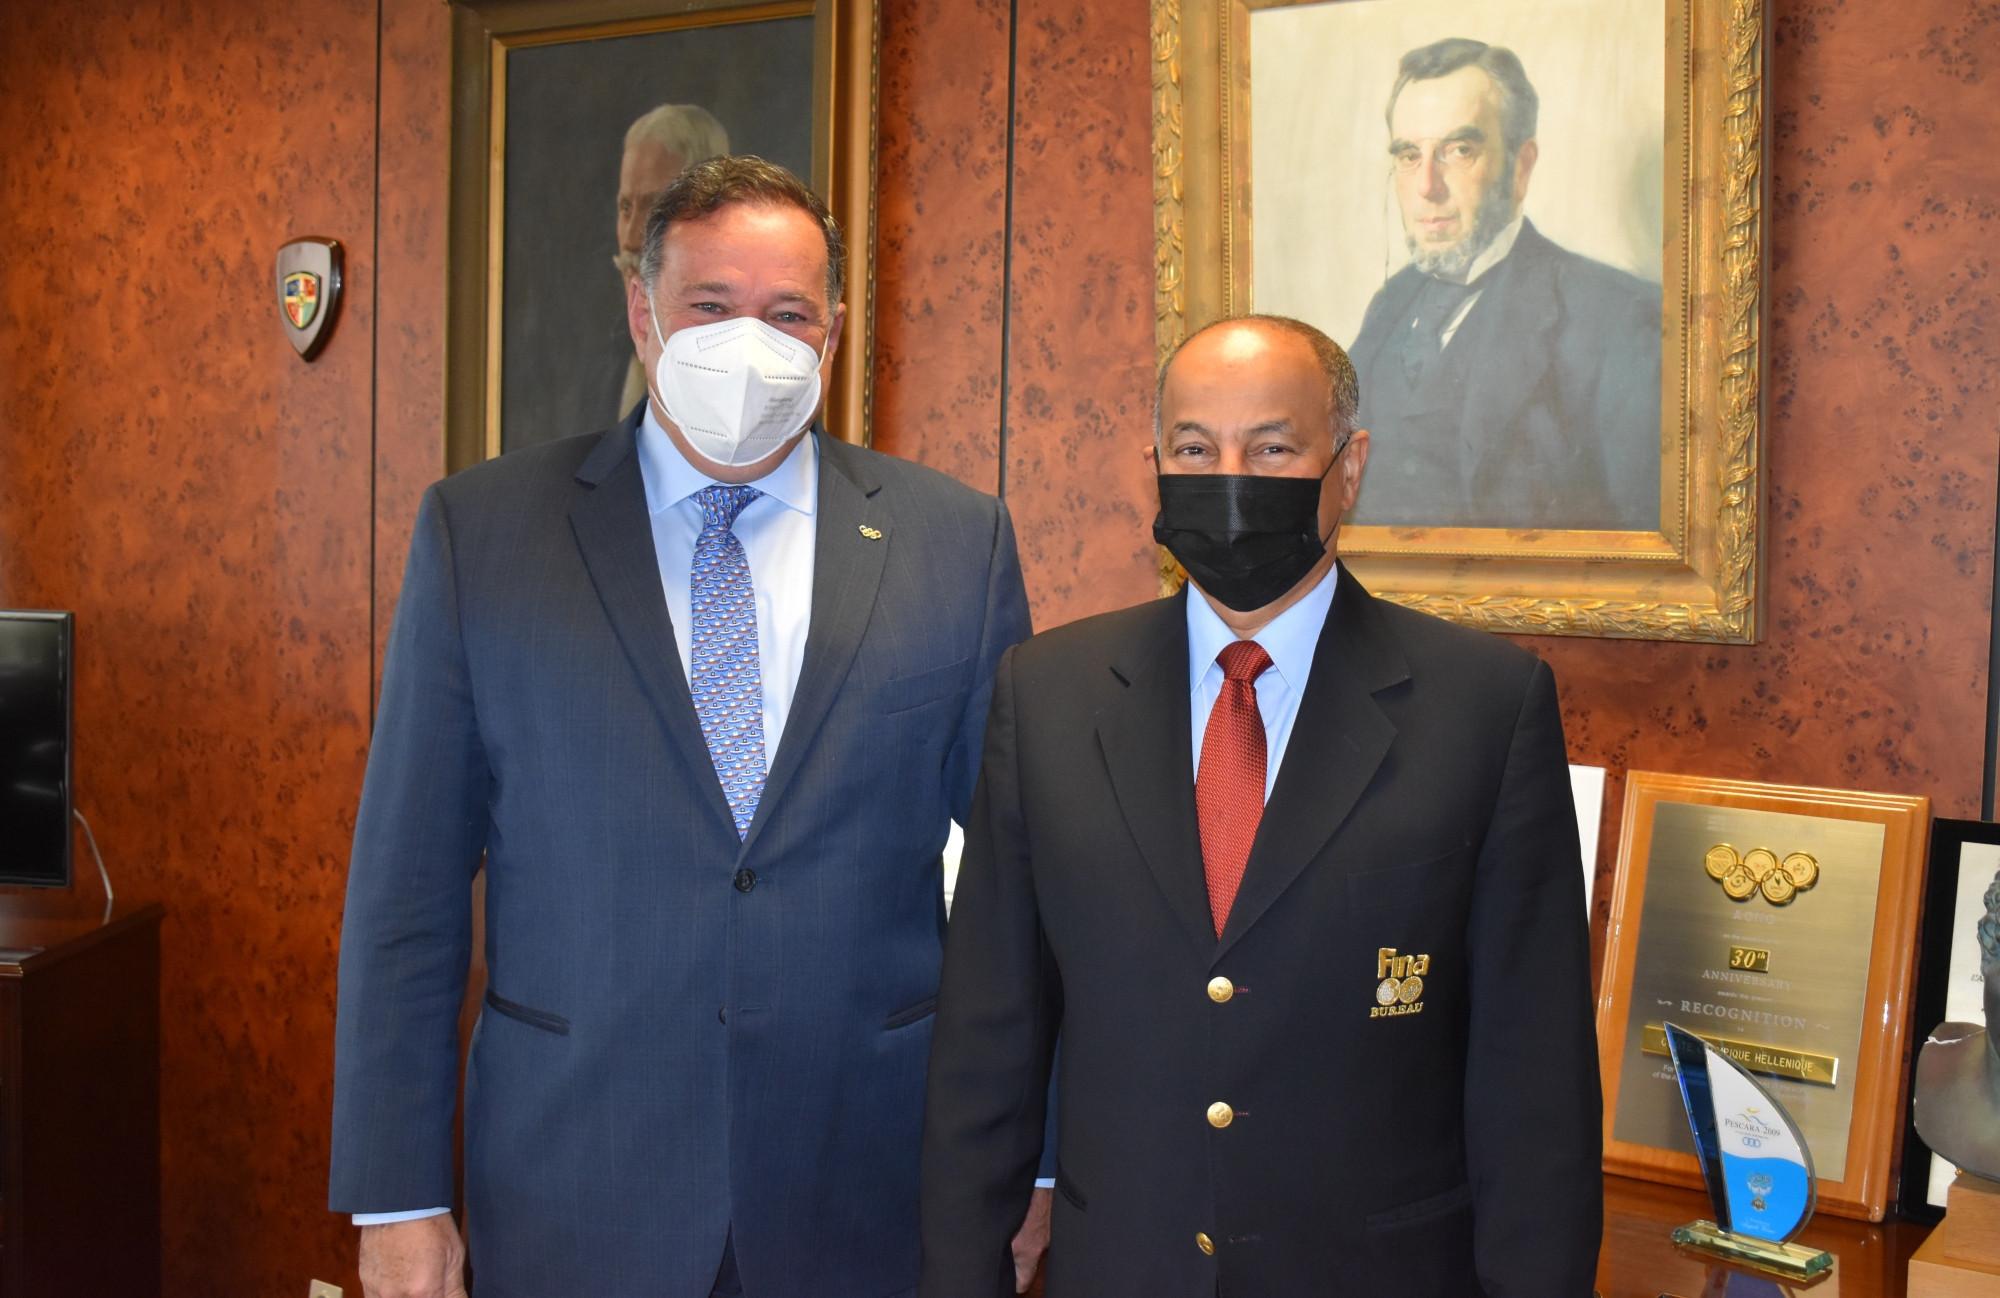 HOC President Spyros Capralos, left, met with Husain Al-Musallam in Athens ©HOC